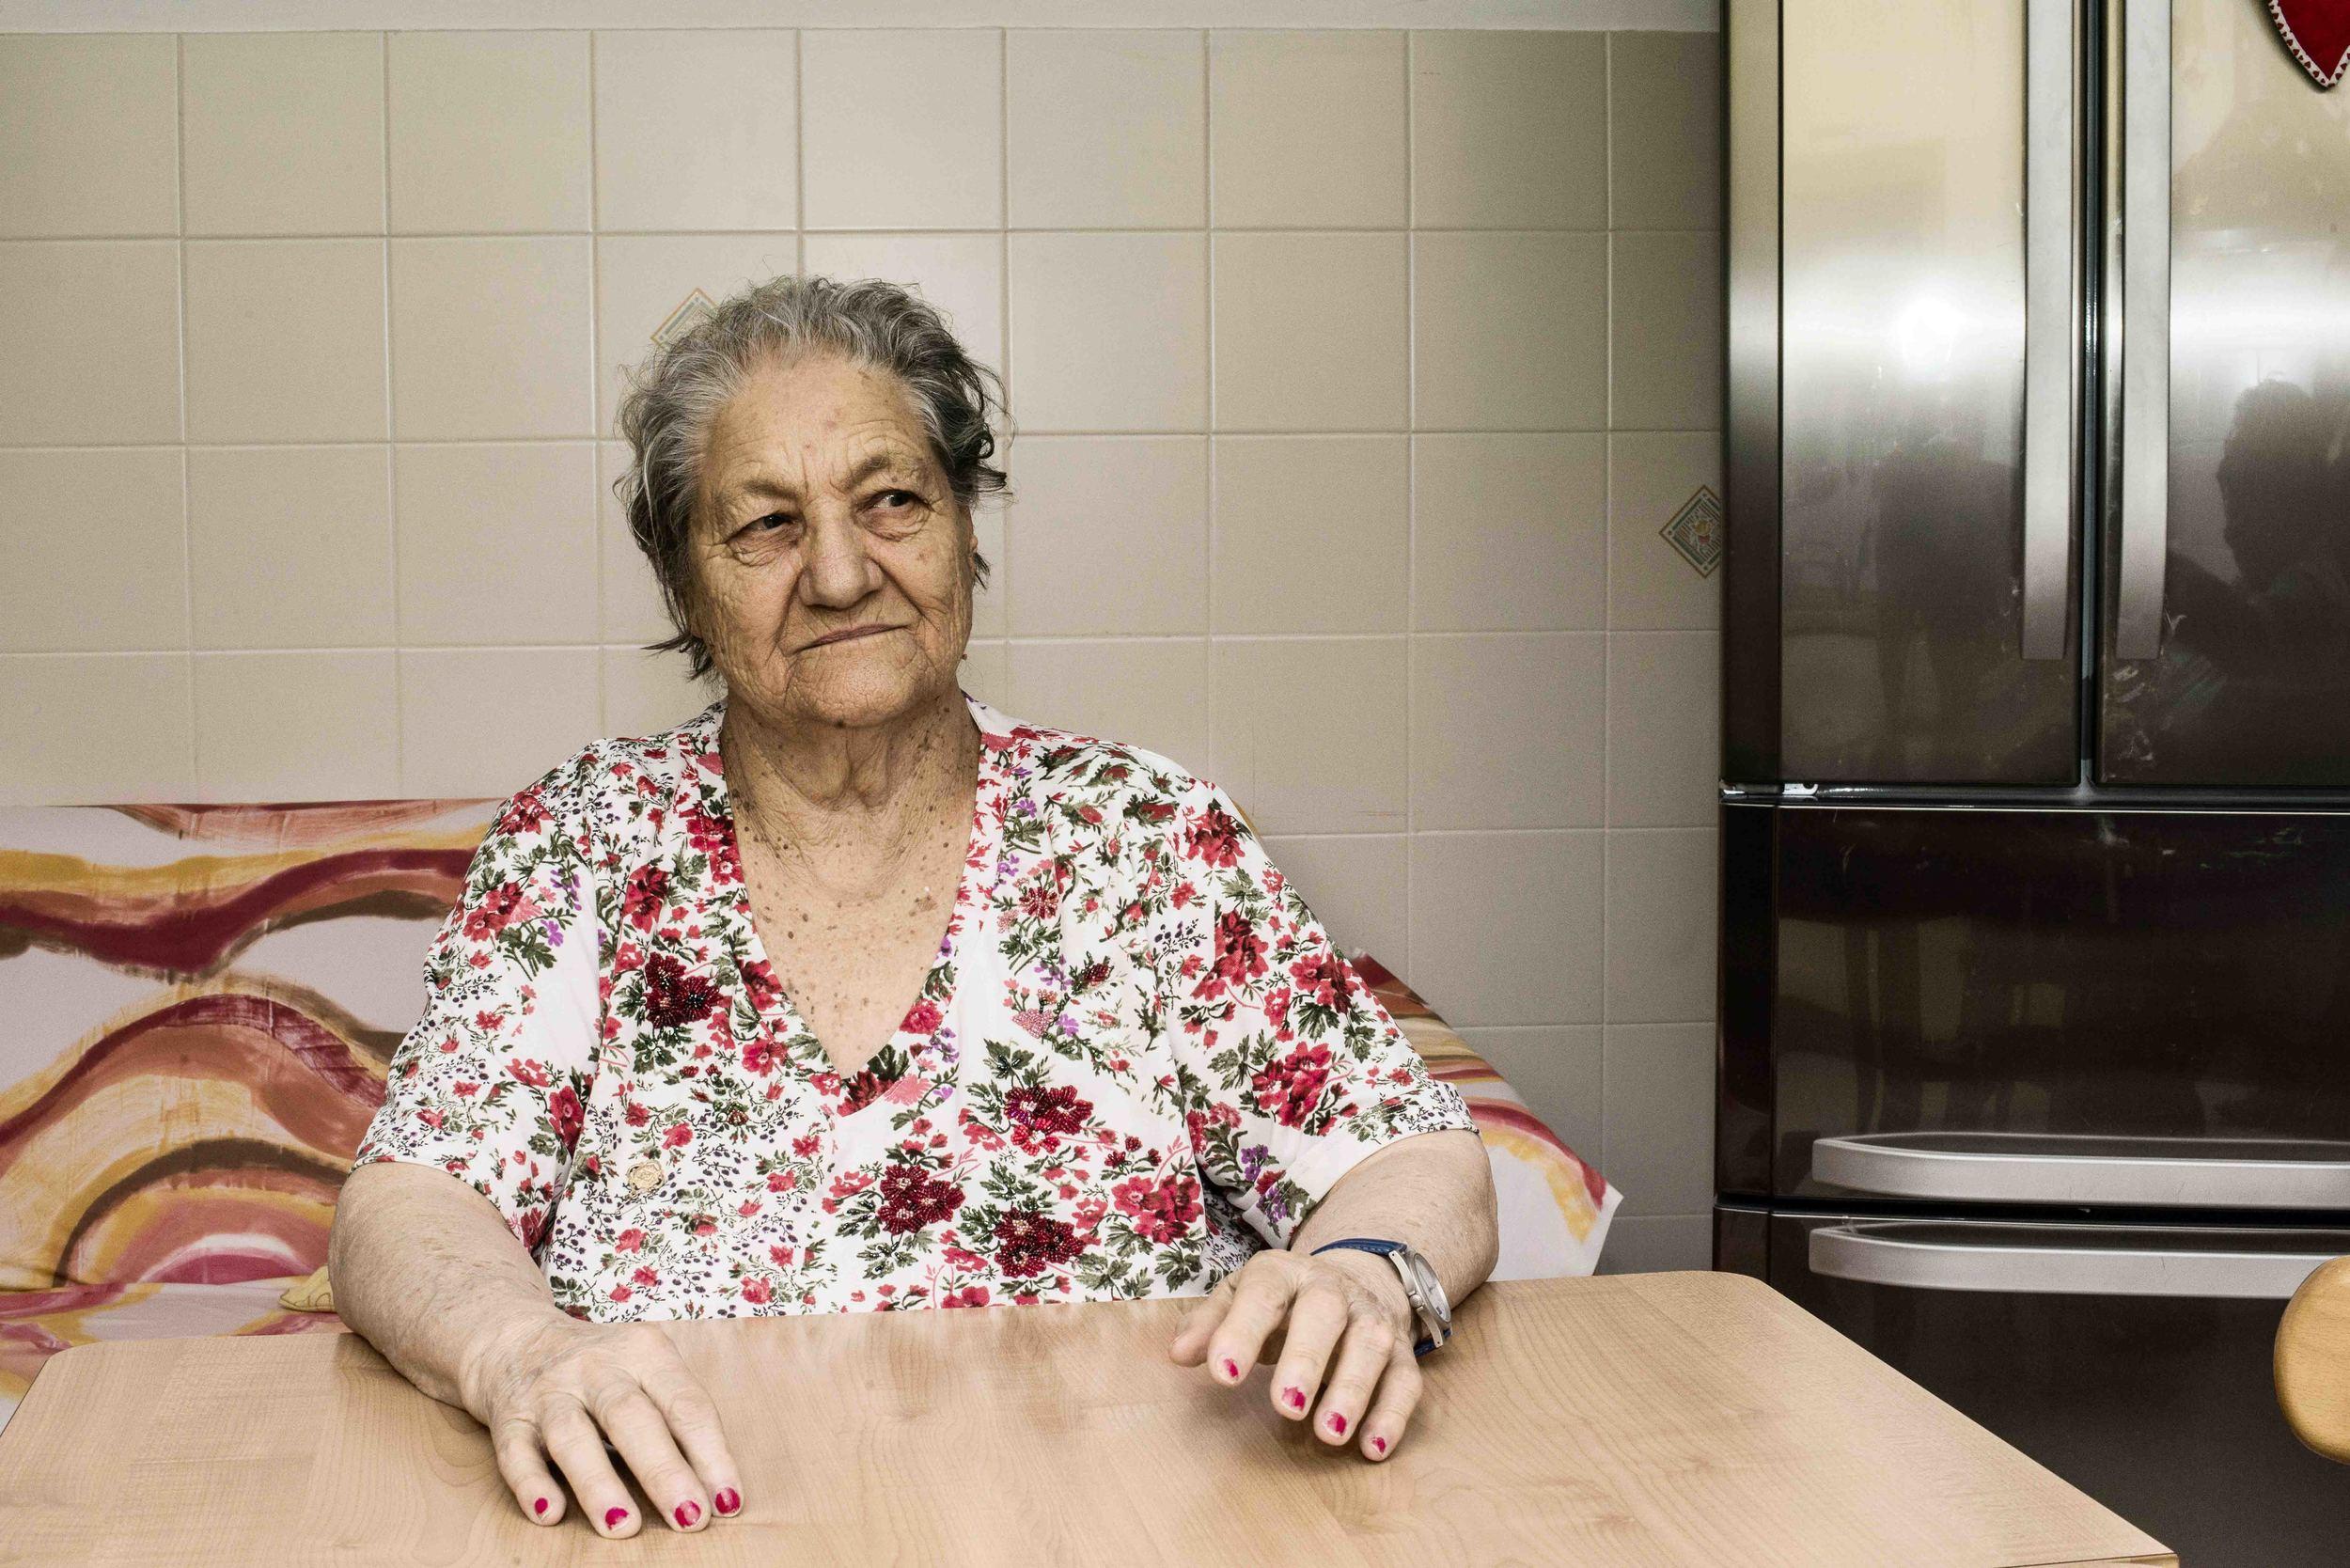 Elide Addafati, cittadina di Civitavecchia, ha fatto parte del progetto diEpidemiologia Popolare     che prevede un lavoro di recupero della memoria dei suoi storici abitanti, testimoni delle drammatiche trasformazione della città. Giugno, 2014. (David Pagliani Istivan)